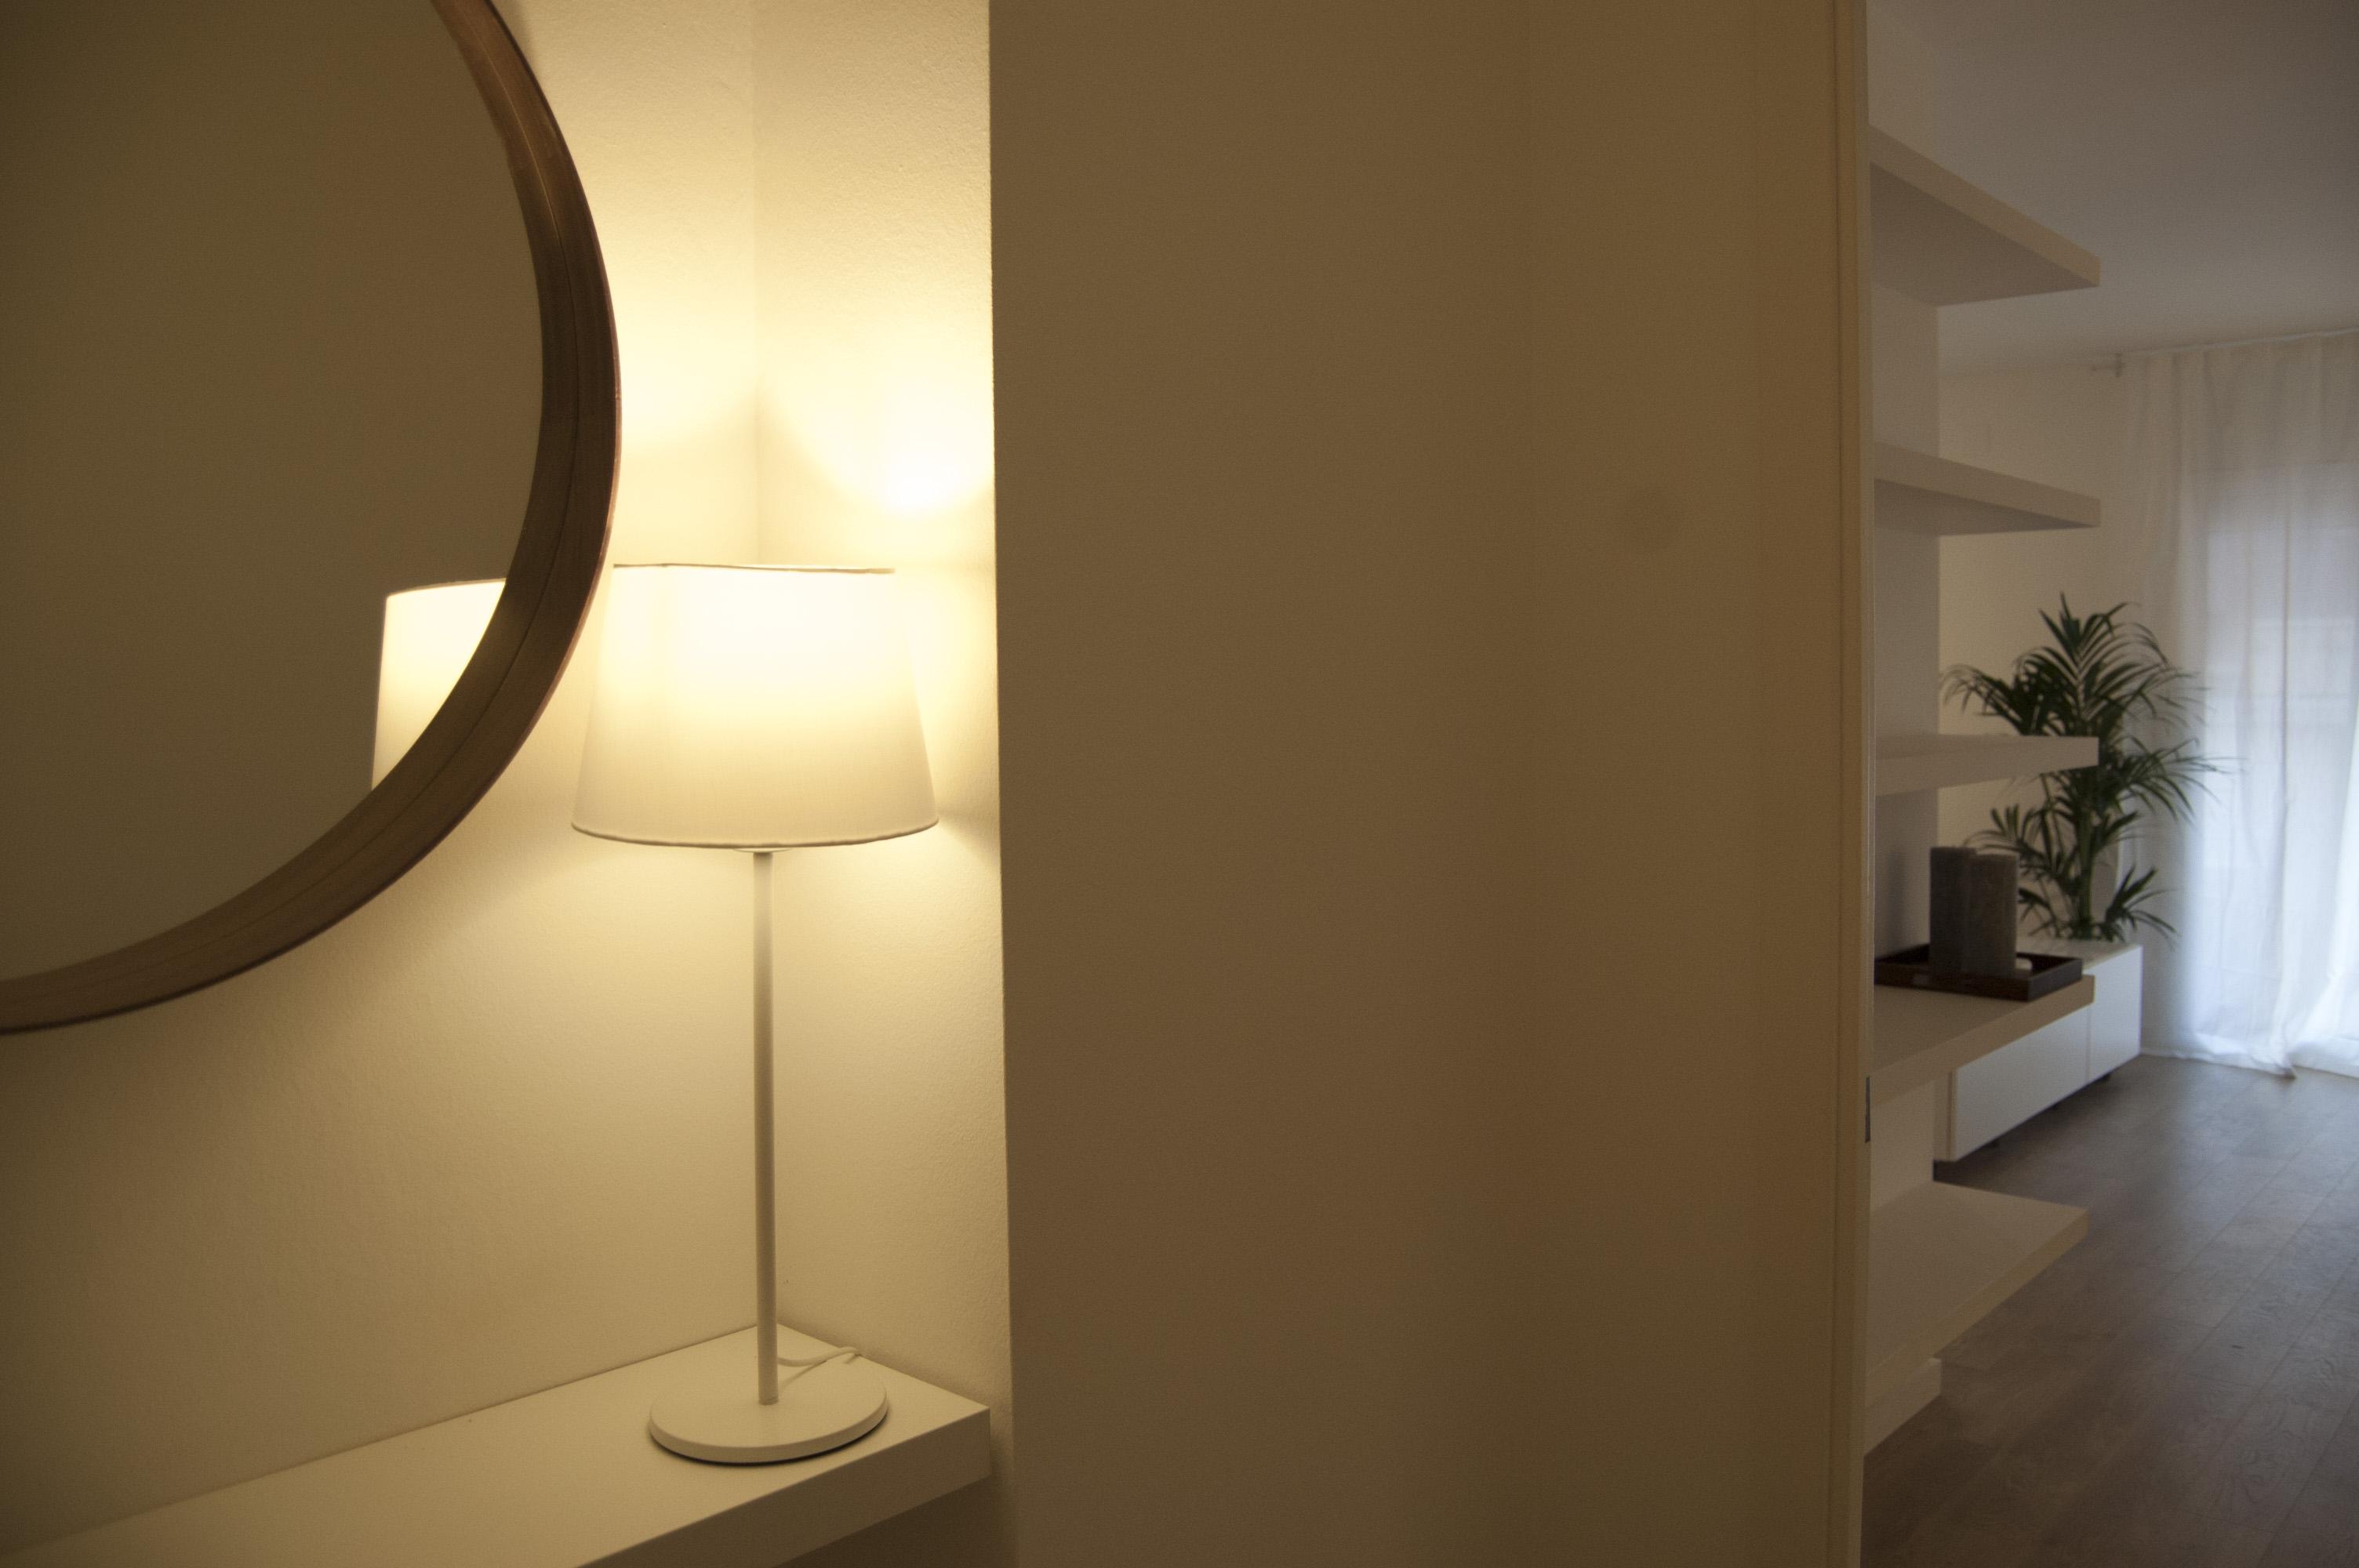 Trazo interiorismo piso 85m2 for Interiorismo low cost